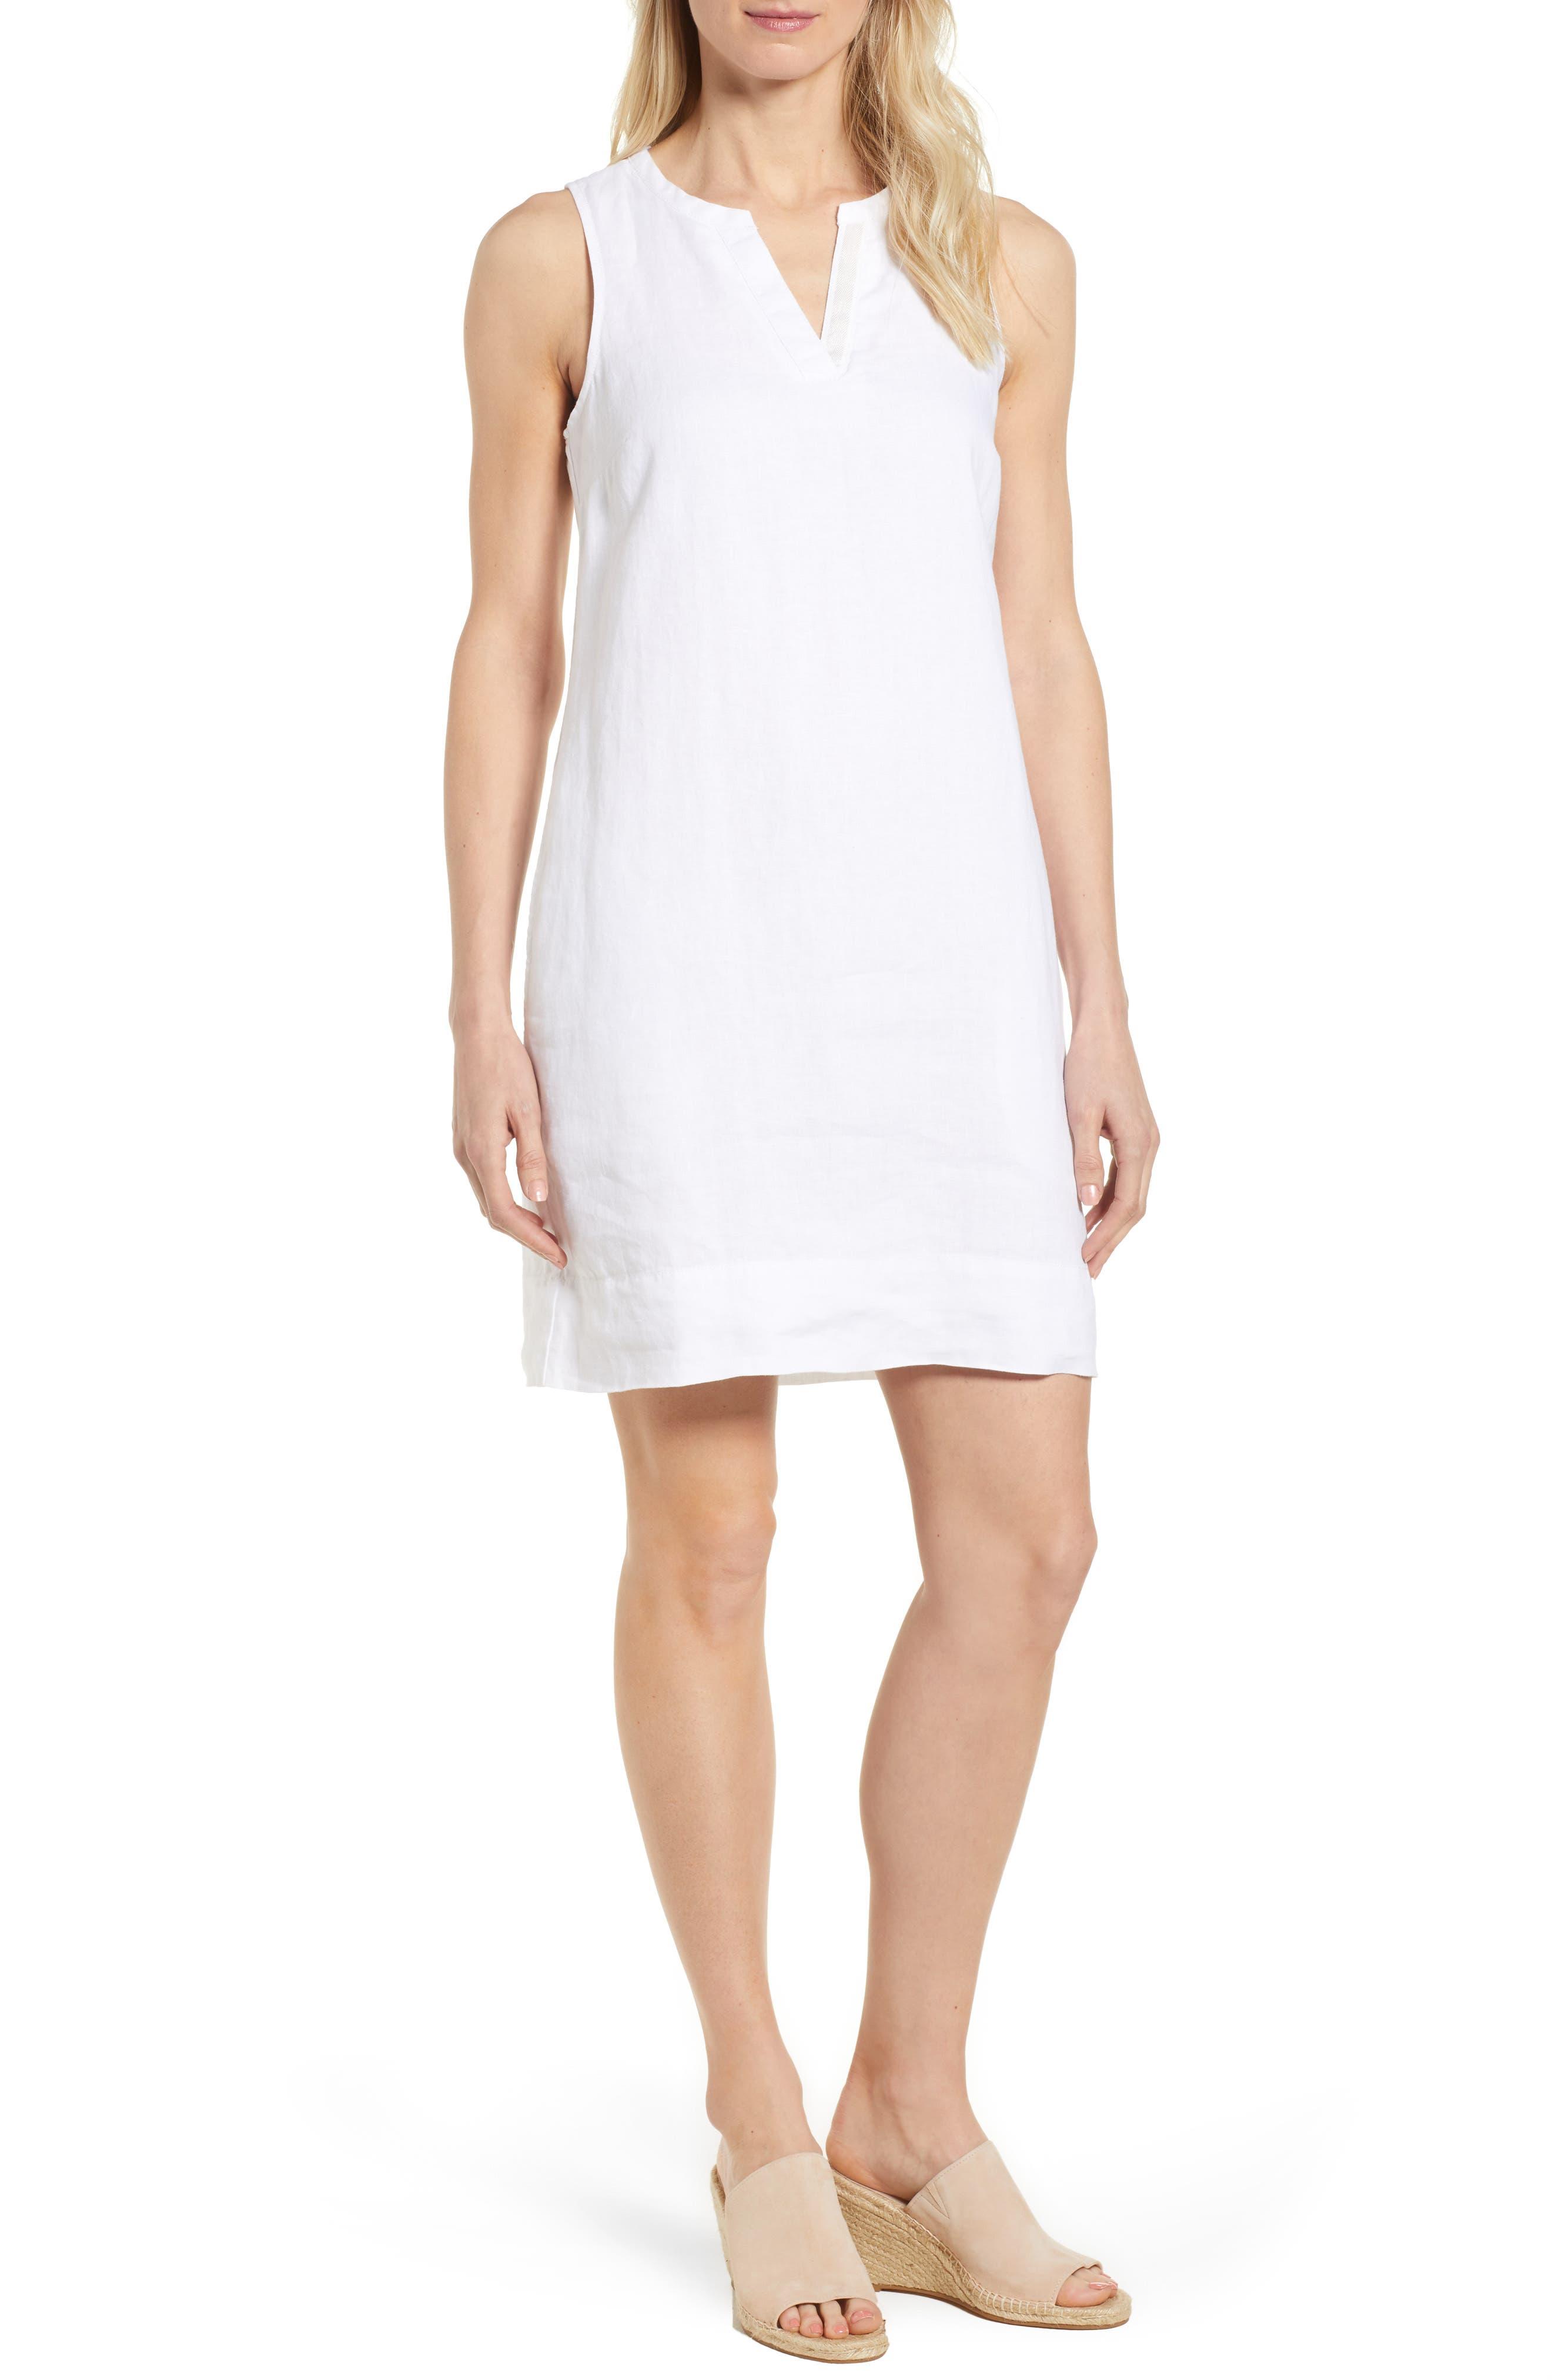 TOMMY BAHAMA, Sea Glass Linen Shift Dress, Main thumbnail 1, color, WHITE